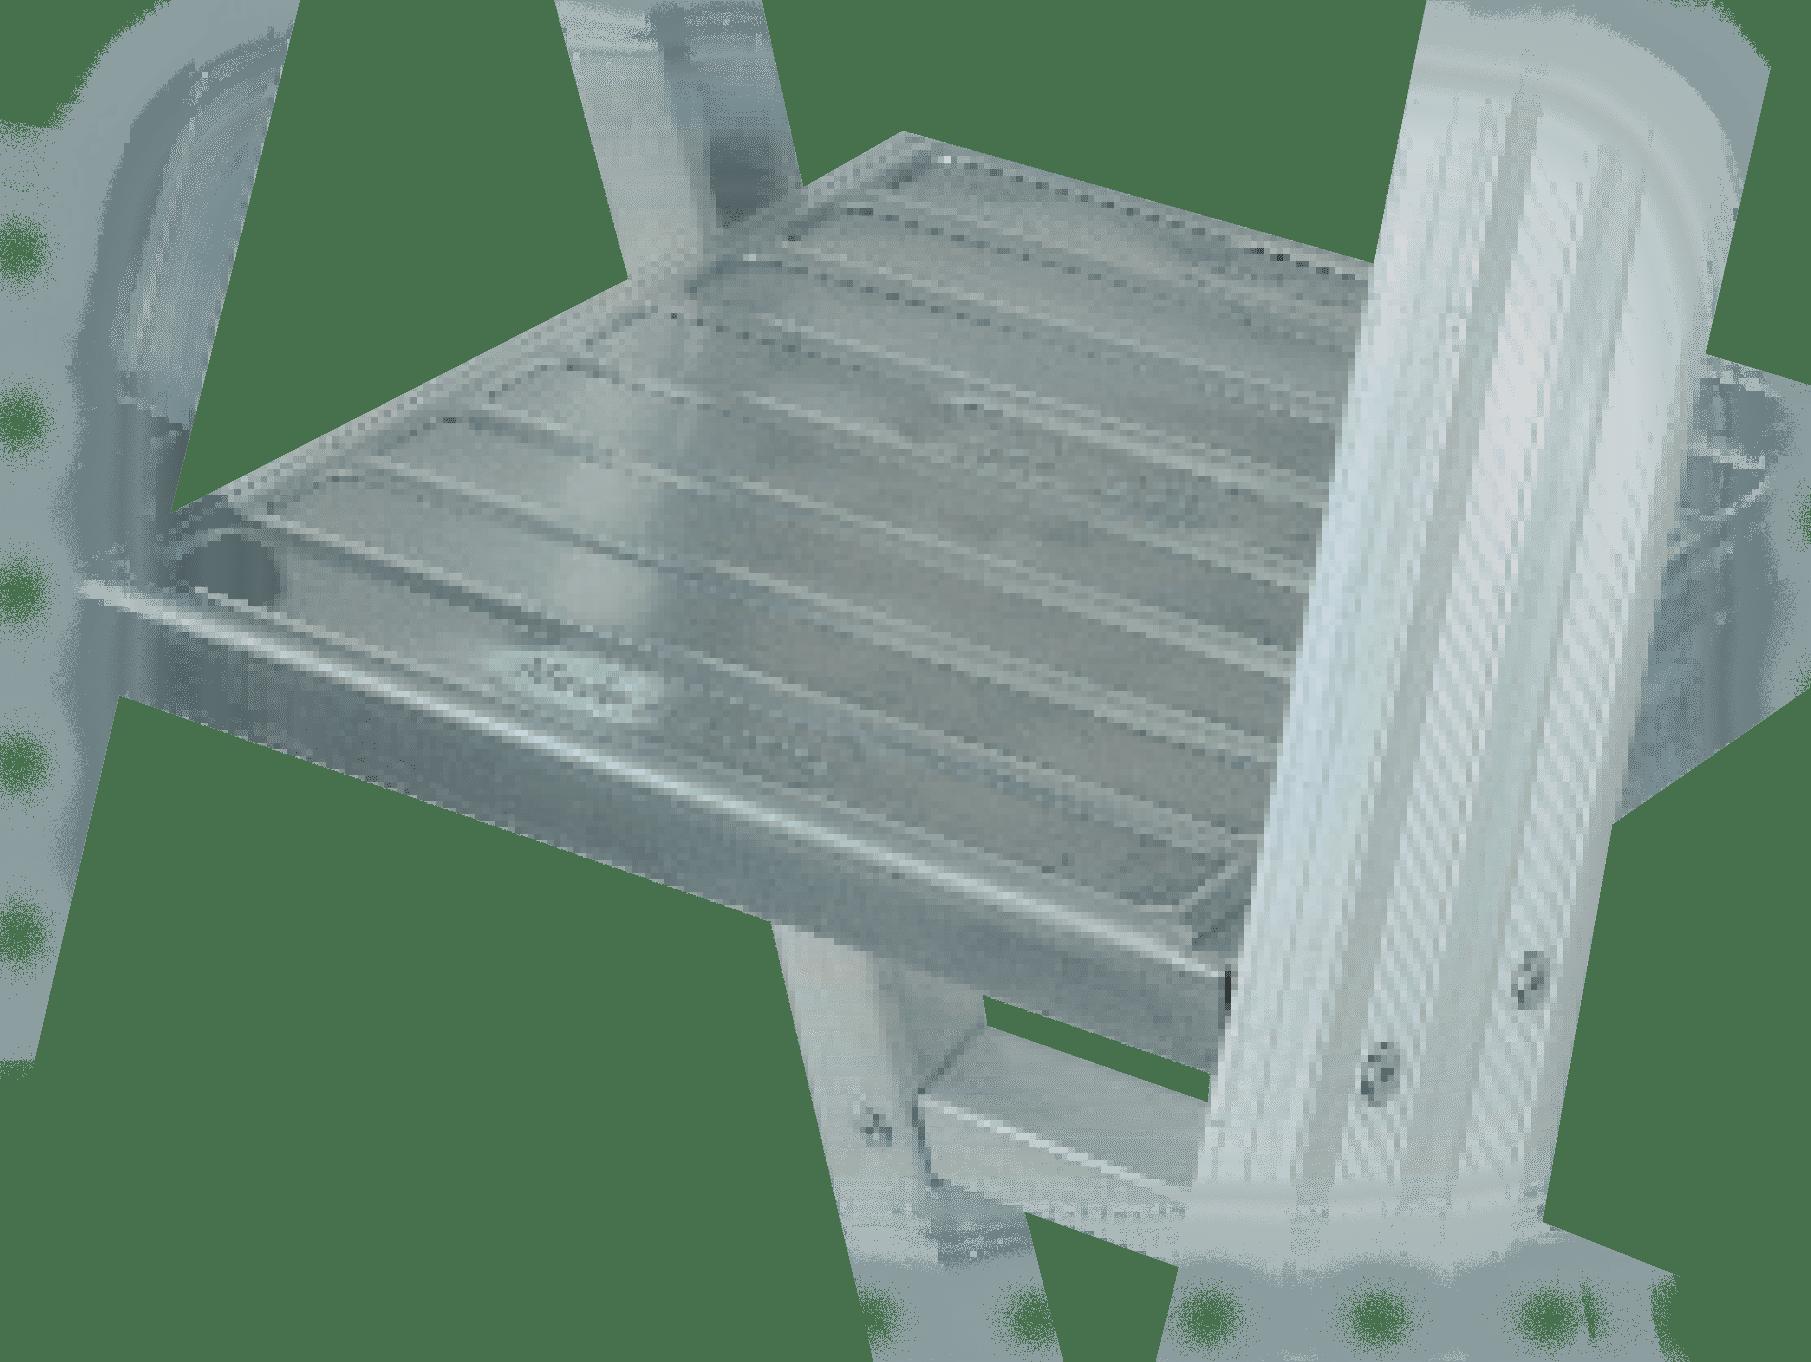 plošinkový rebrík prifesionálny priemyselný - plošinka